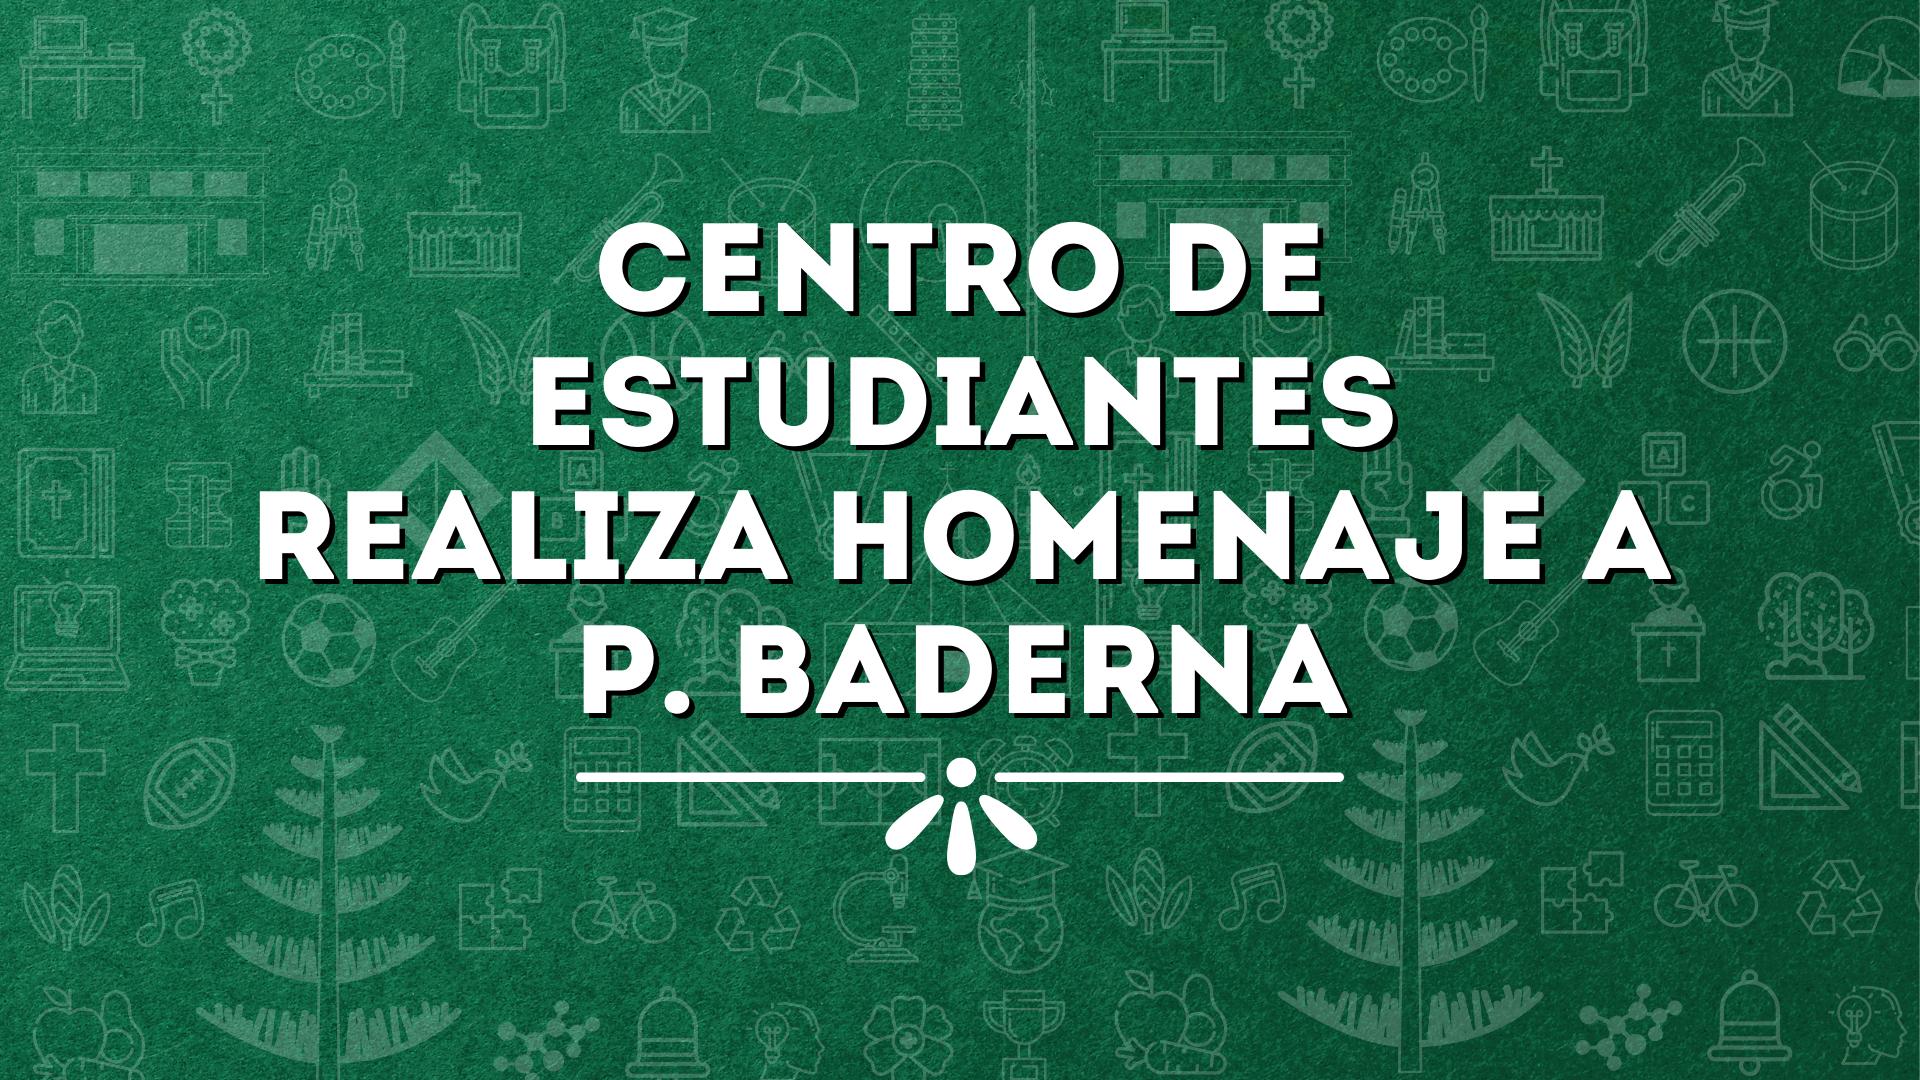 CENTRO DE ESTUDIANTES REALIZA HOMENAJE A P. BADERNA